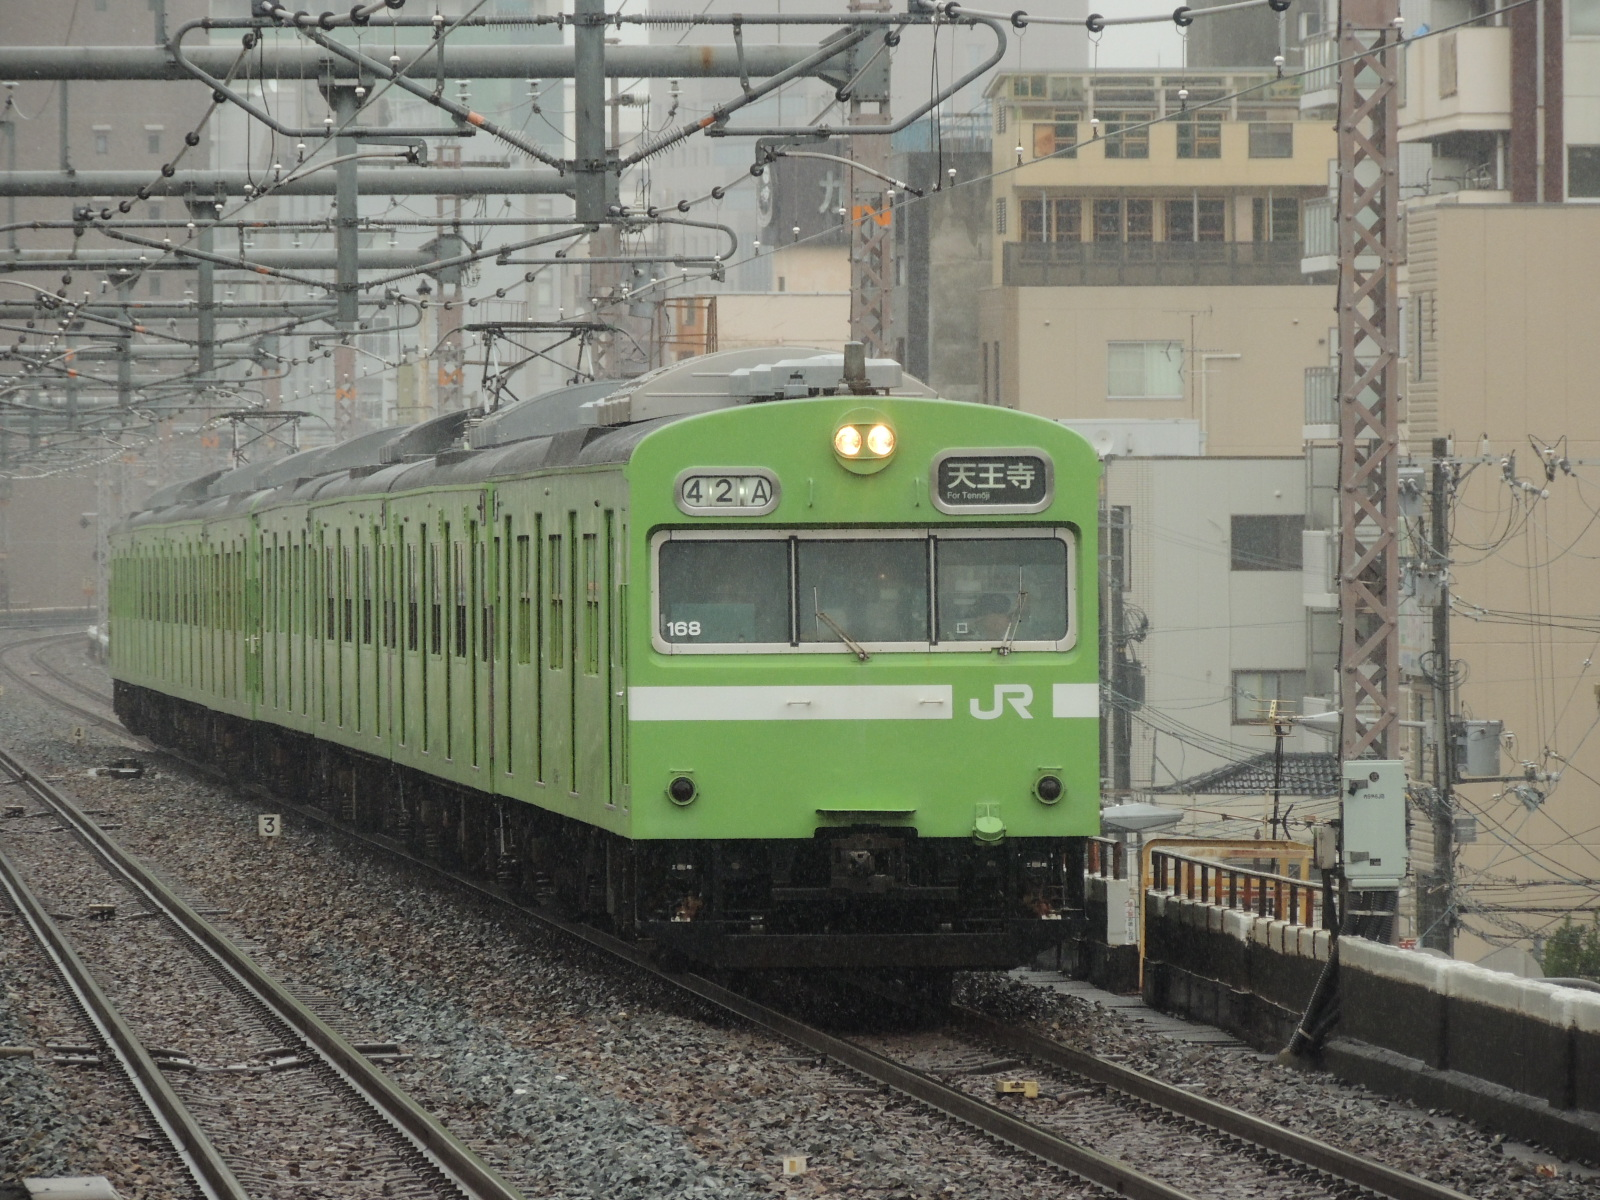 103系ナラ車42A+51A天王寺行き 鶴橋 (3)